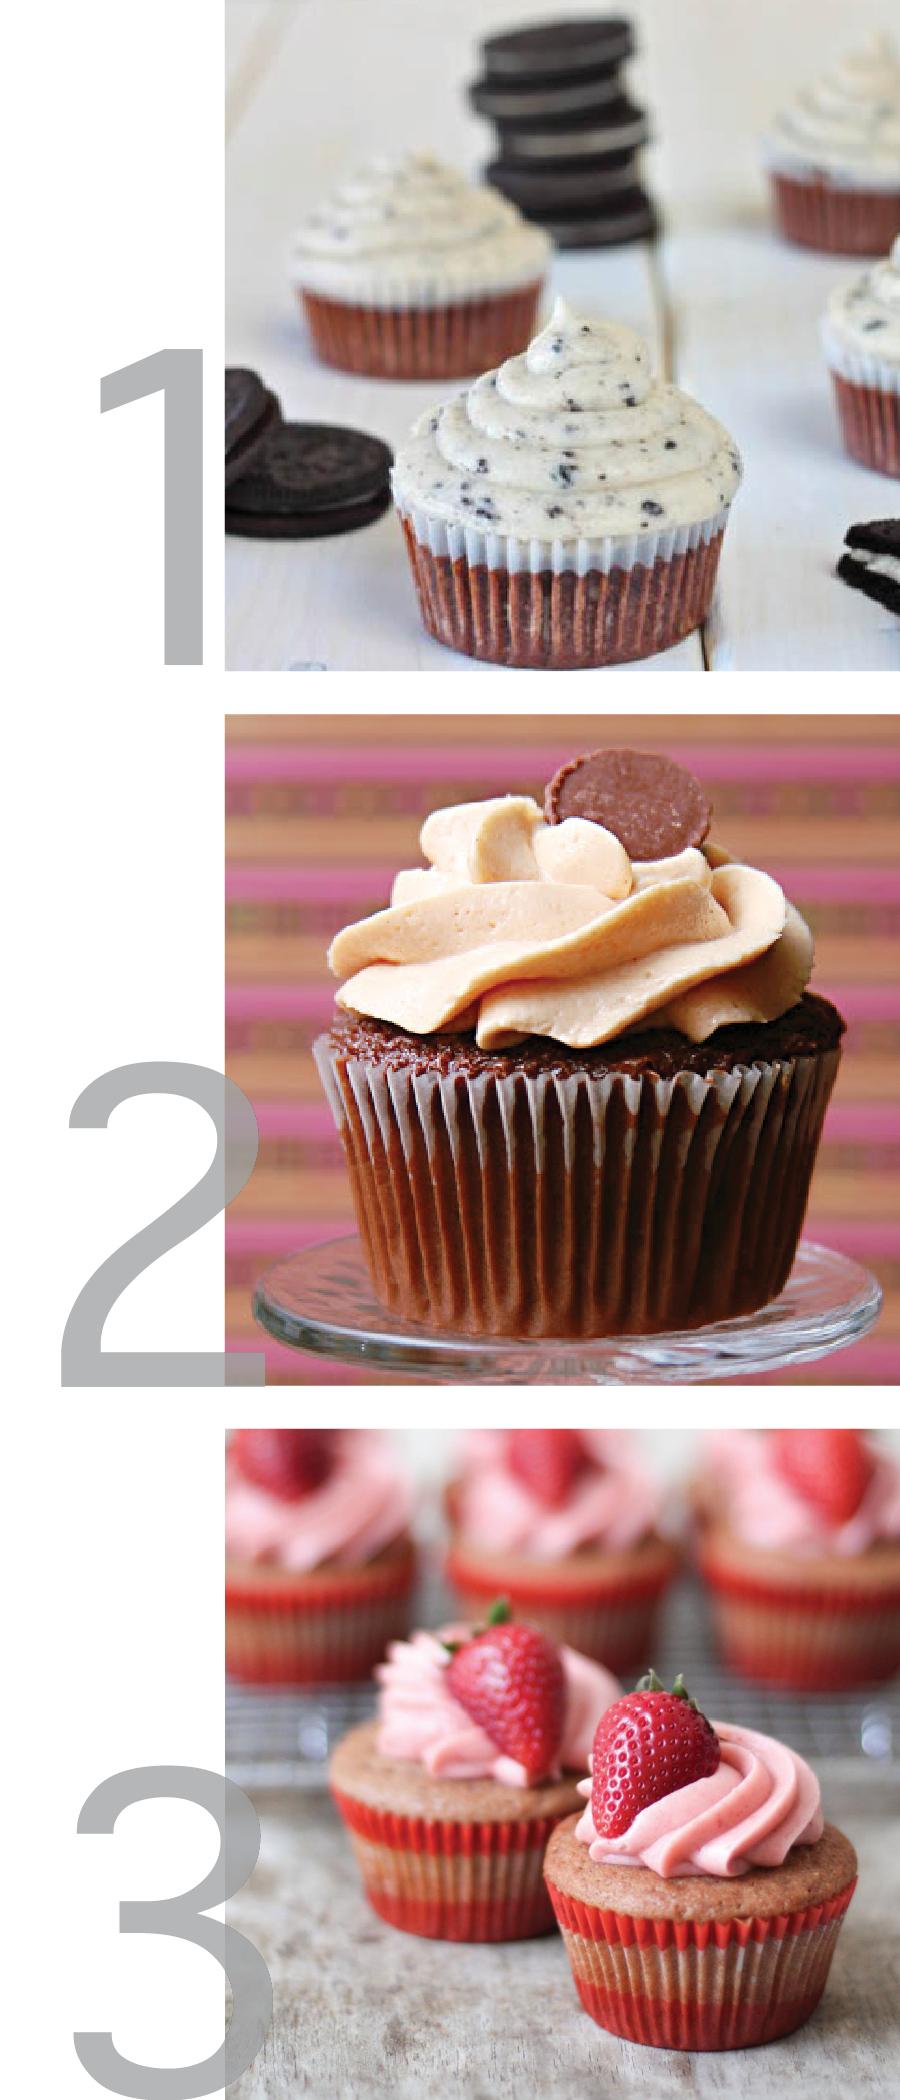 Weekly Pinspiration: Cupcakes